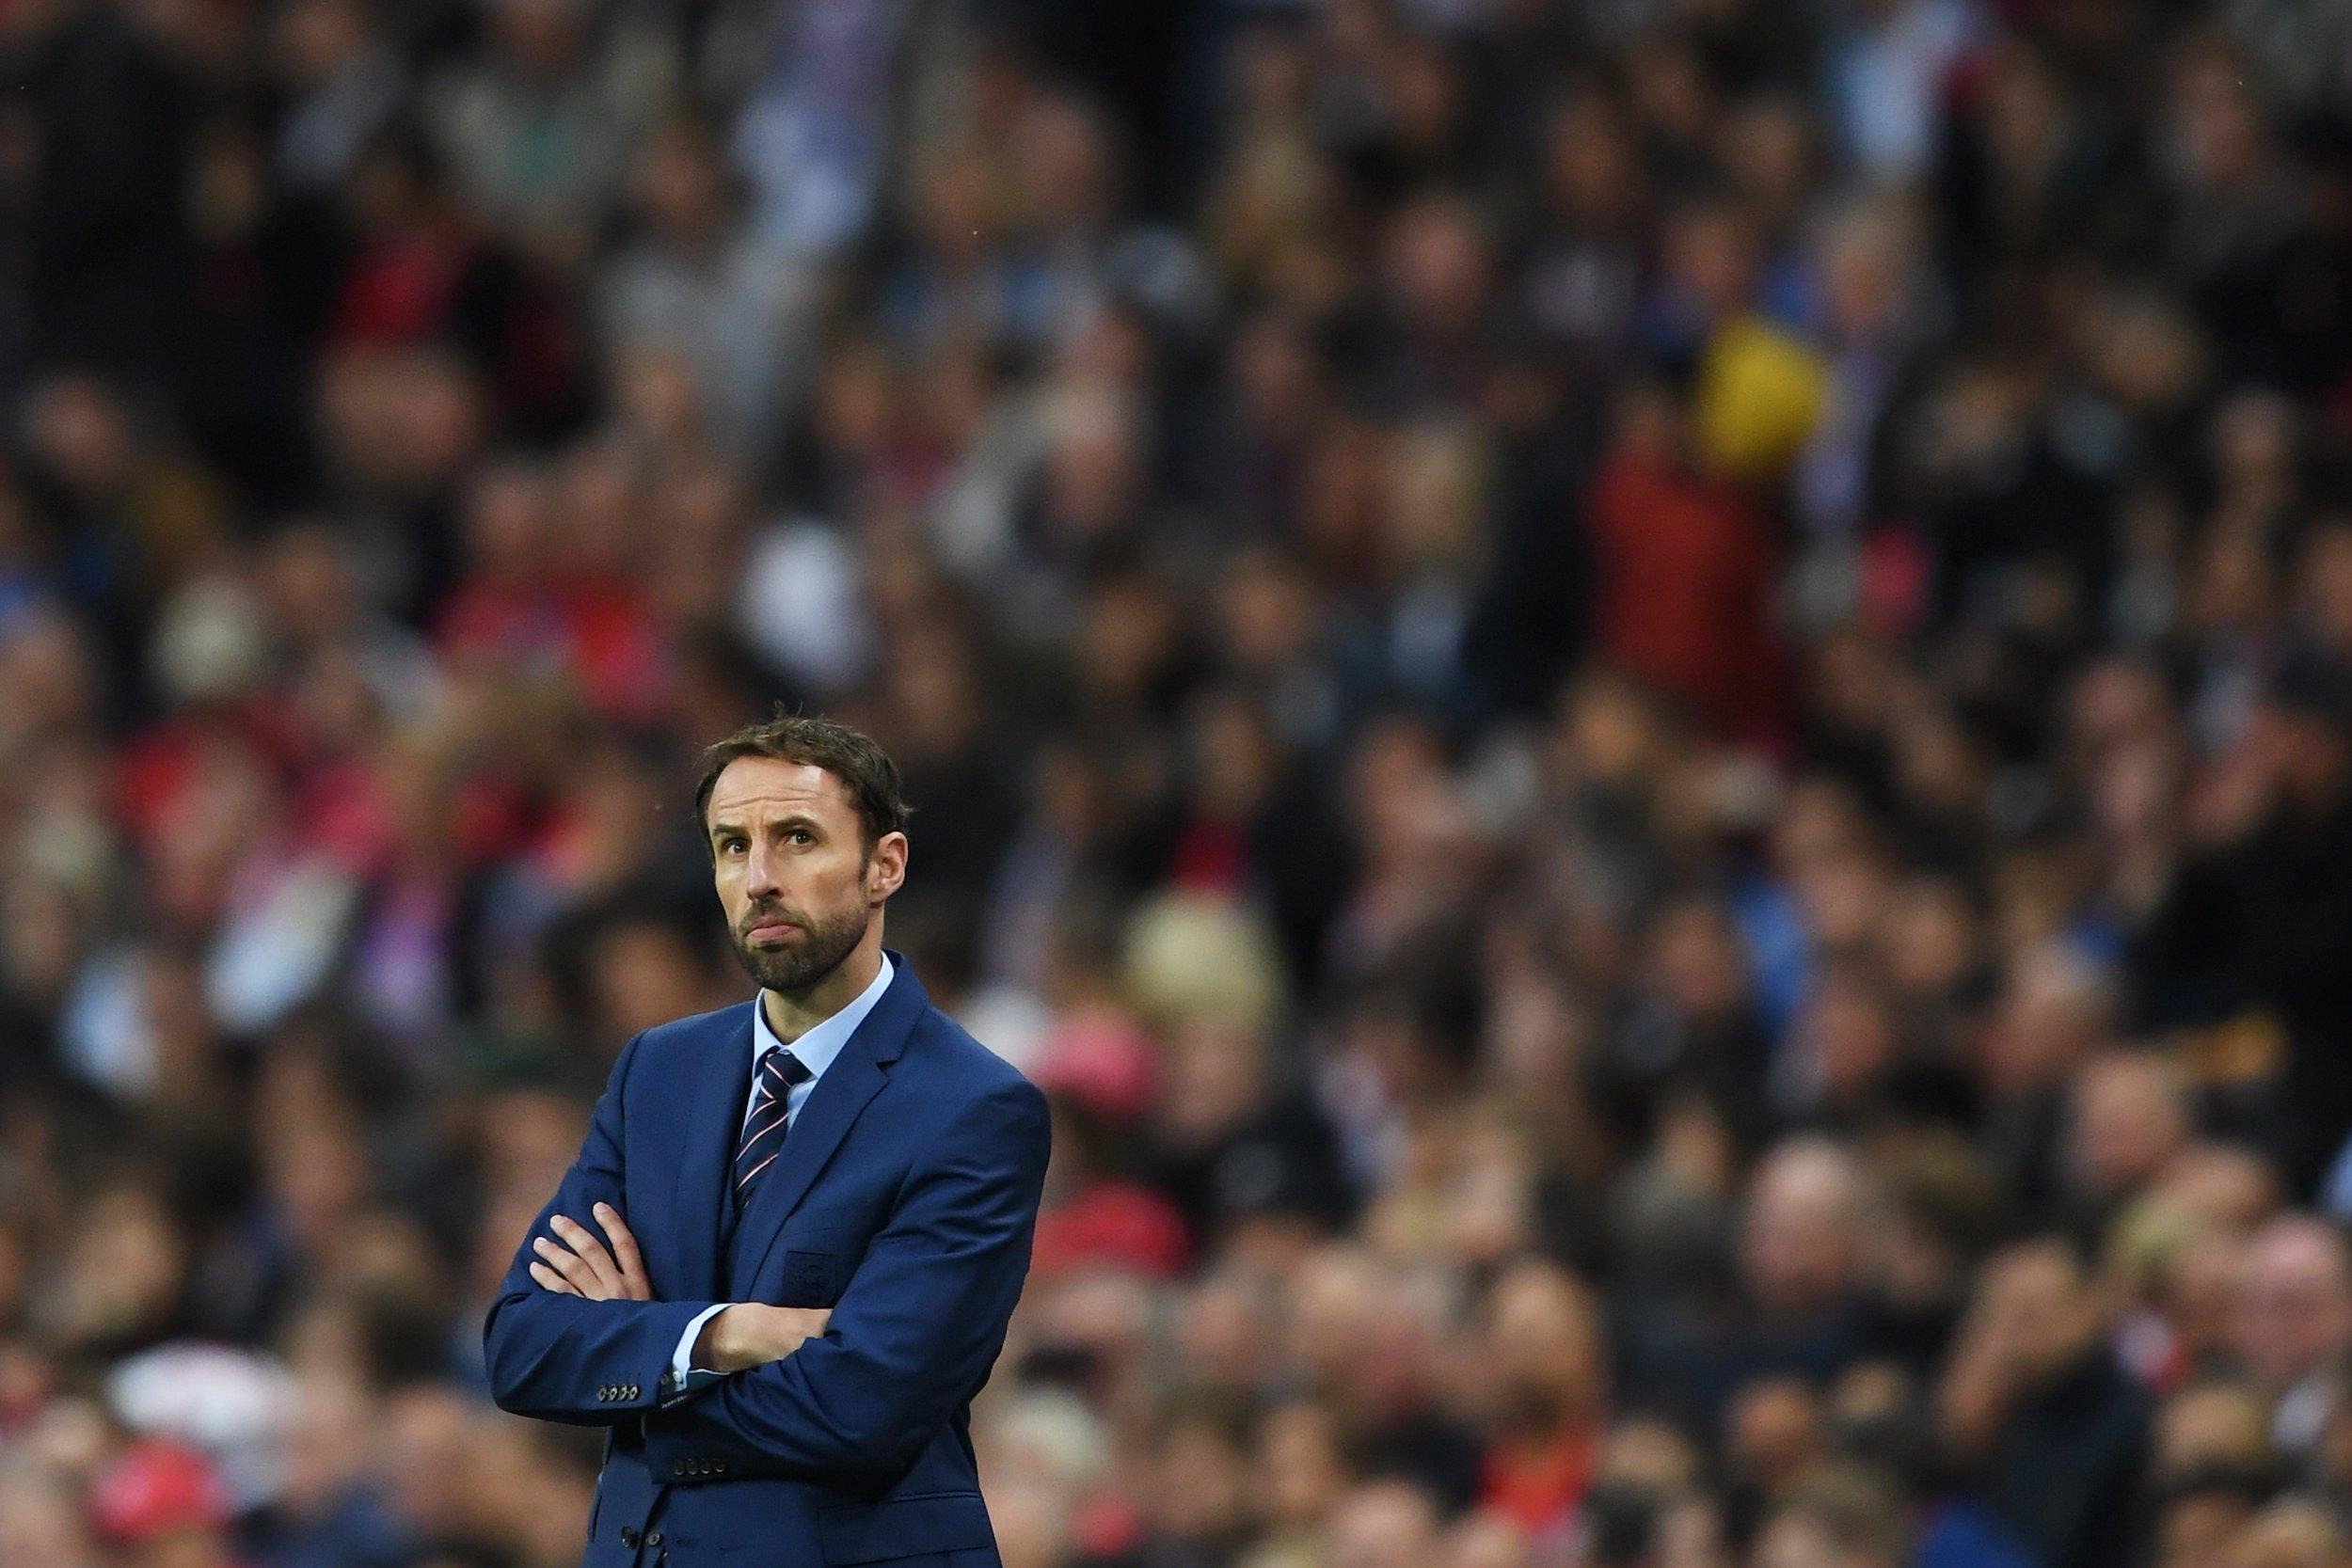 England interim manager Gareth Southgate.